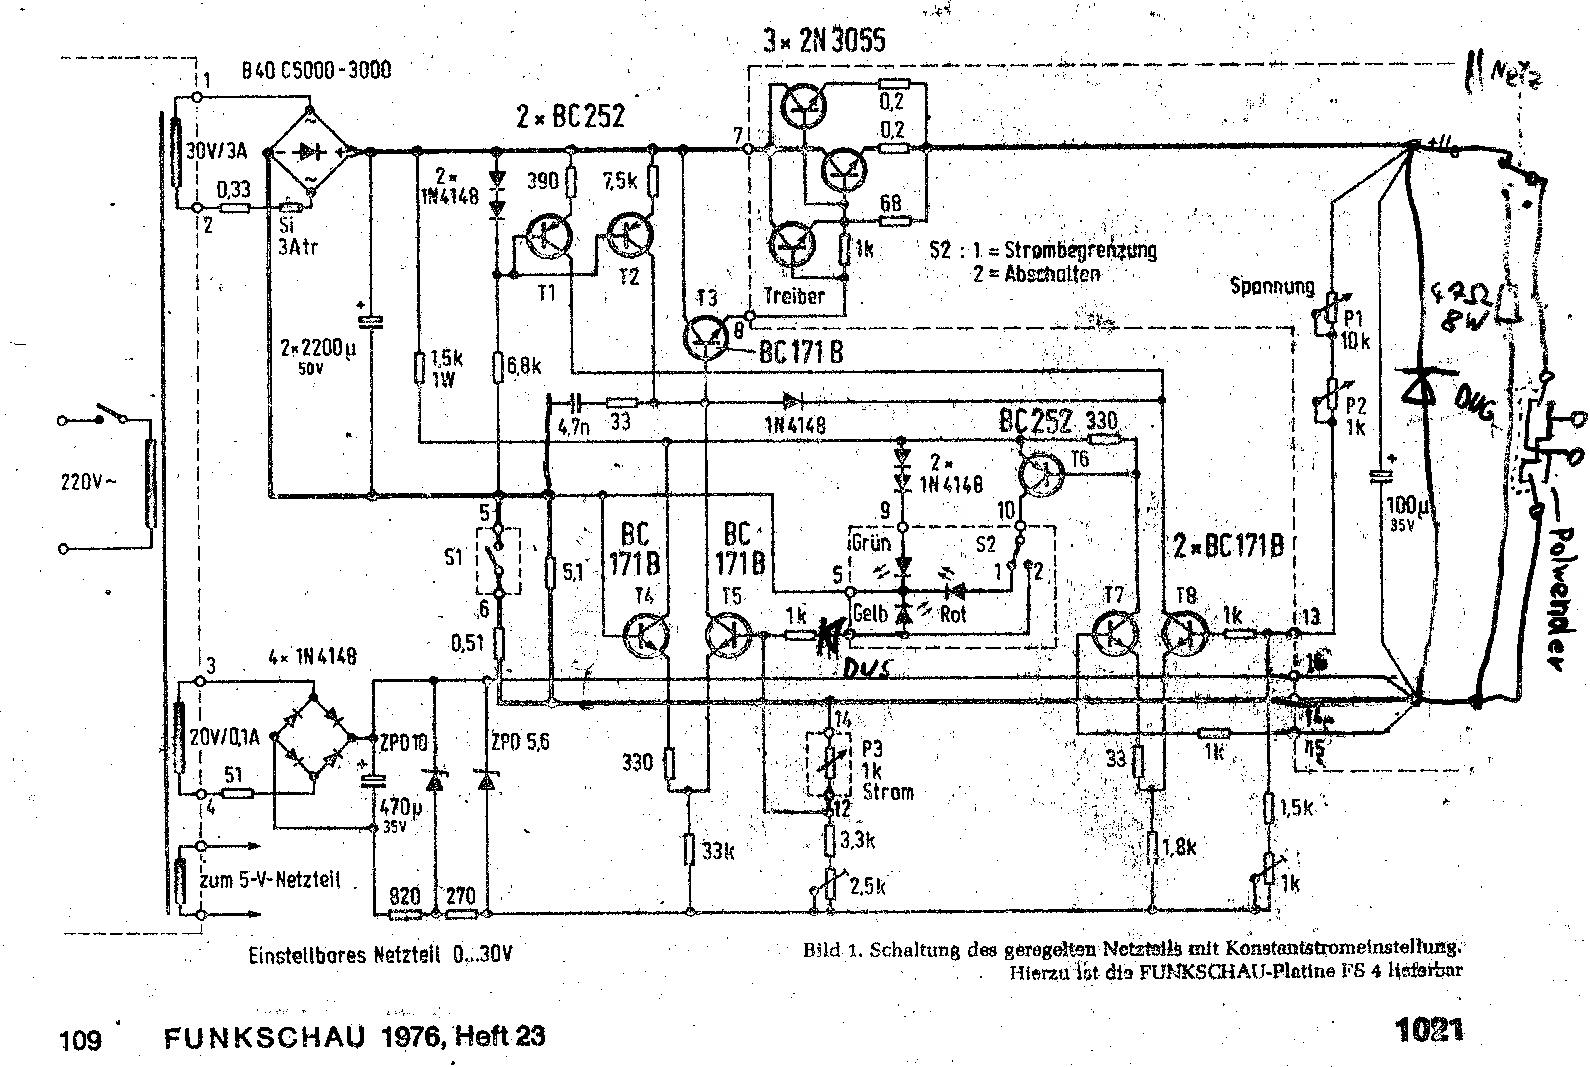 Suche Schaltplan Labornetzteil Conrad NG-302 - Mikrocontroller.net